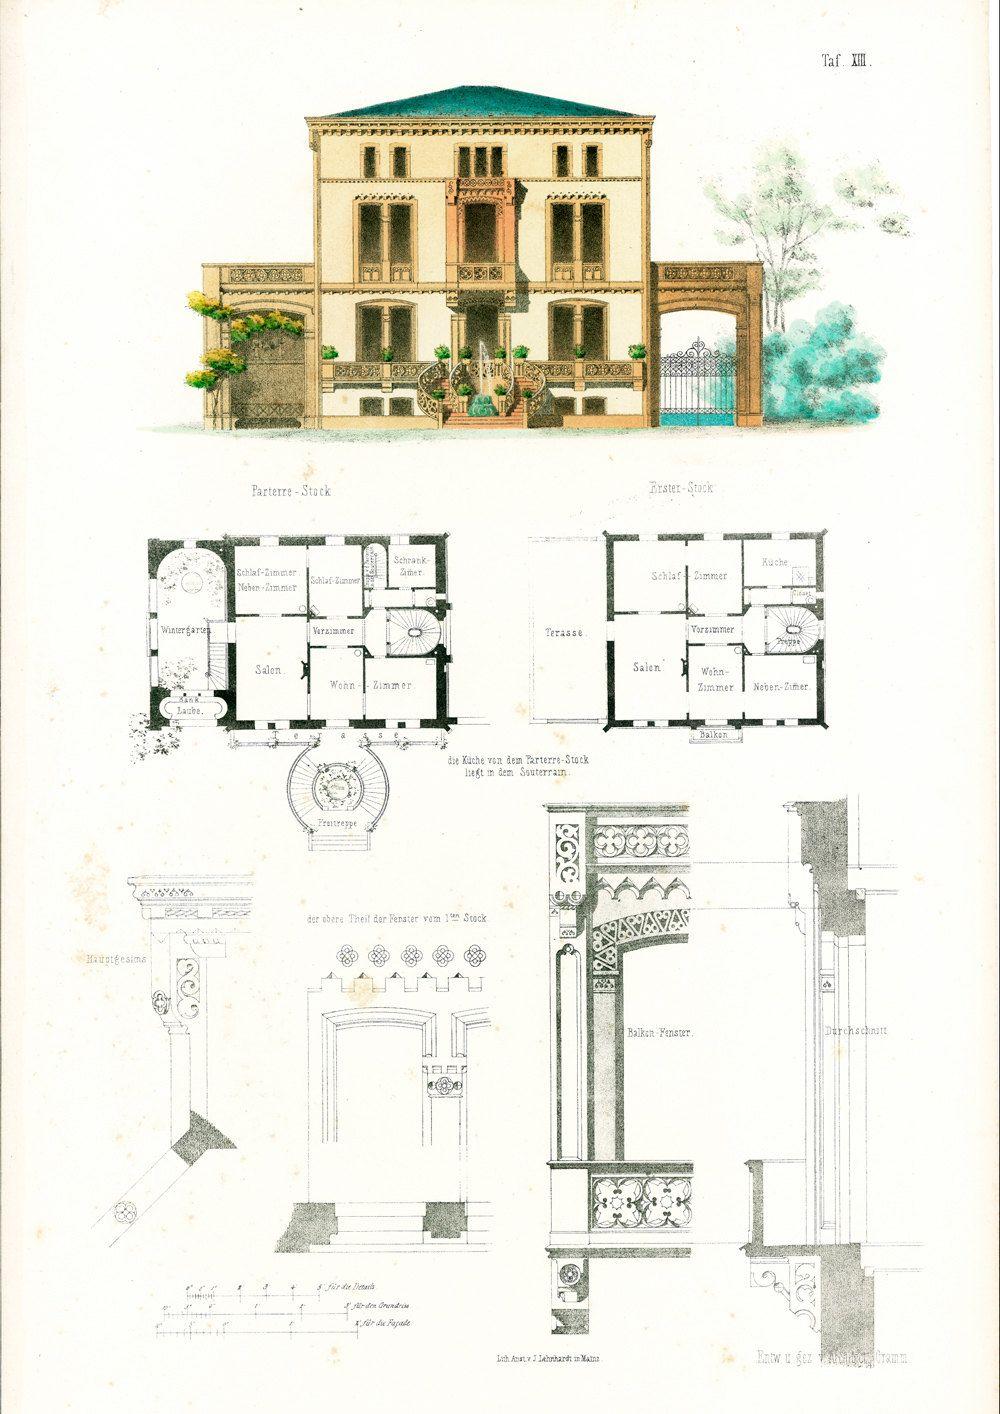 1854 maison moderne de ville plans darchitecte format a3 gravure ancienne esquisse dessin plan détails architecturaux avec passe partout de la boutique